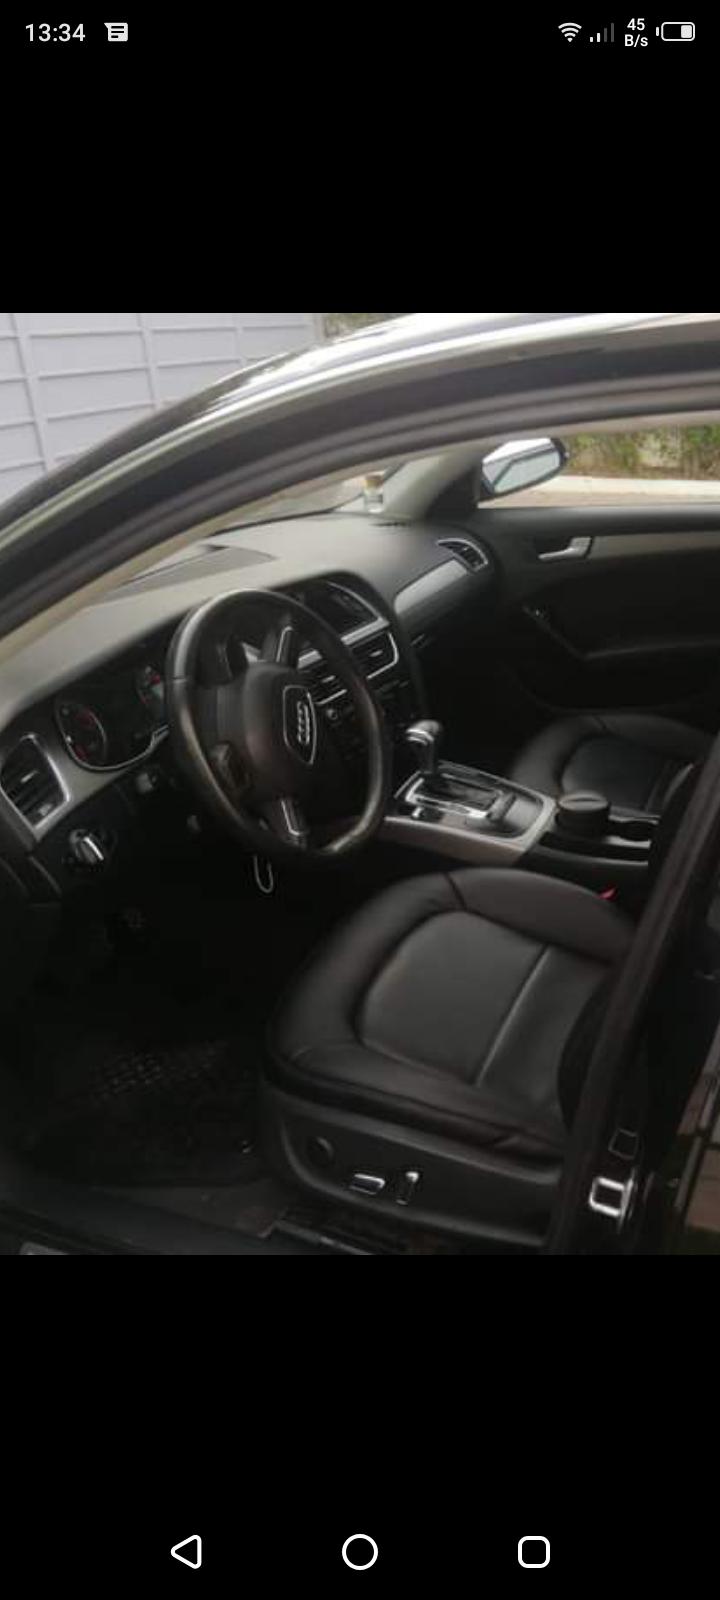 vente voiture occasion boite automatique tunisie audi a4